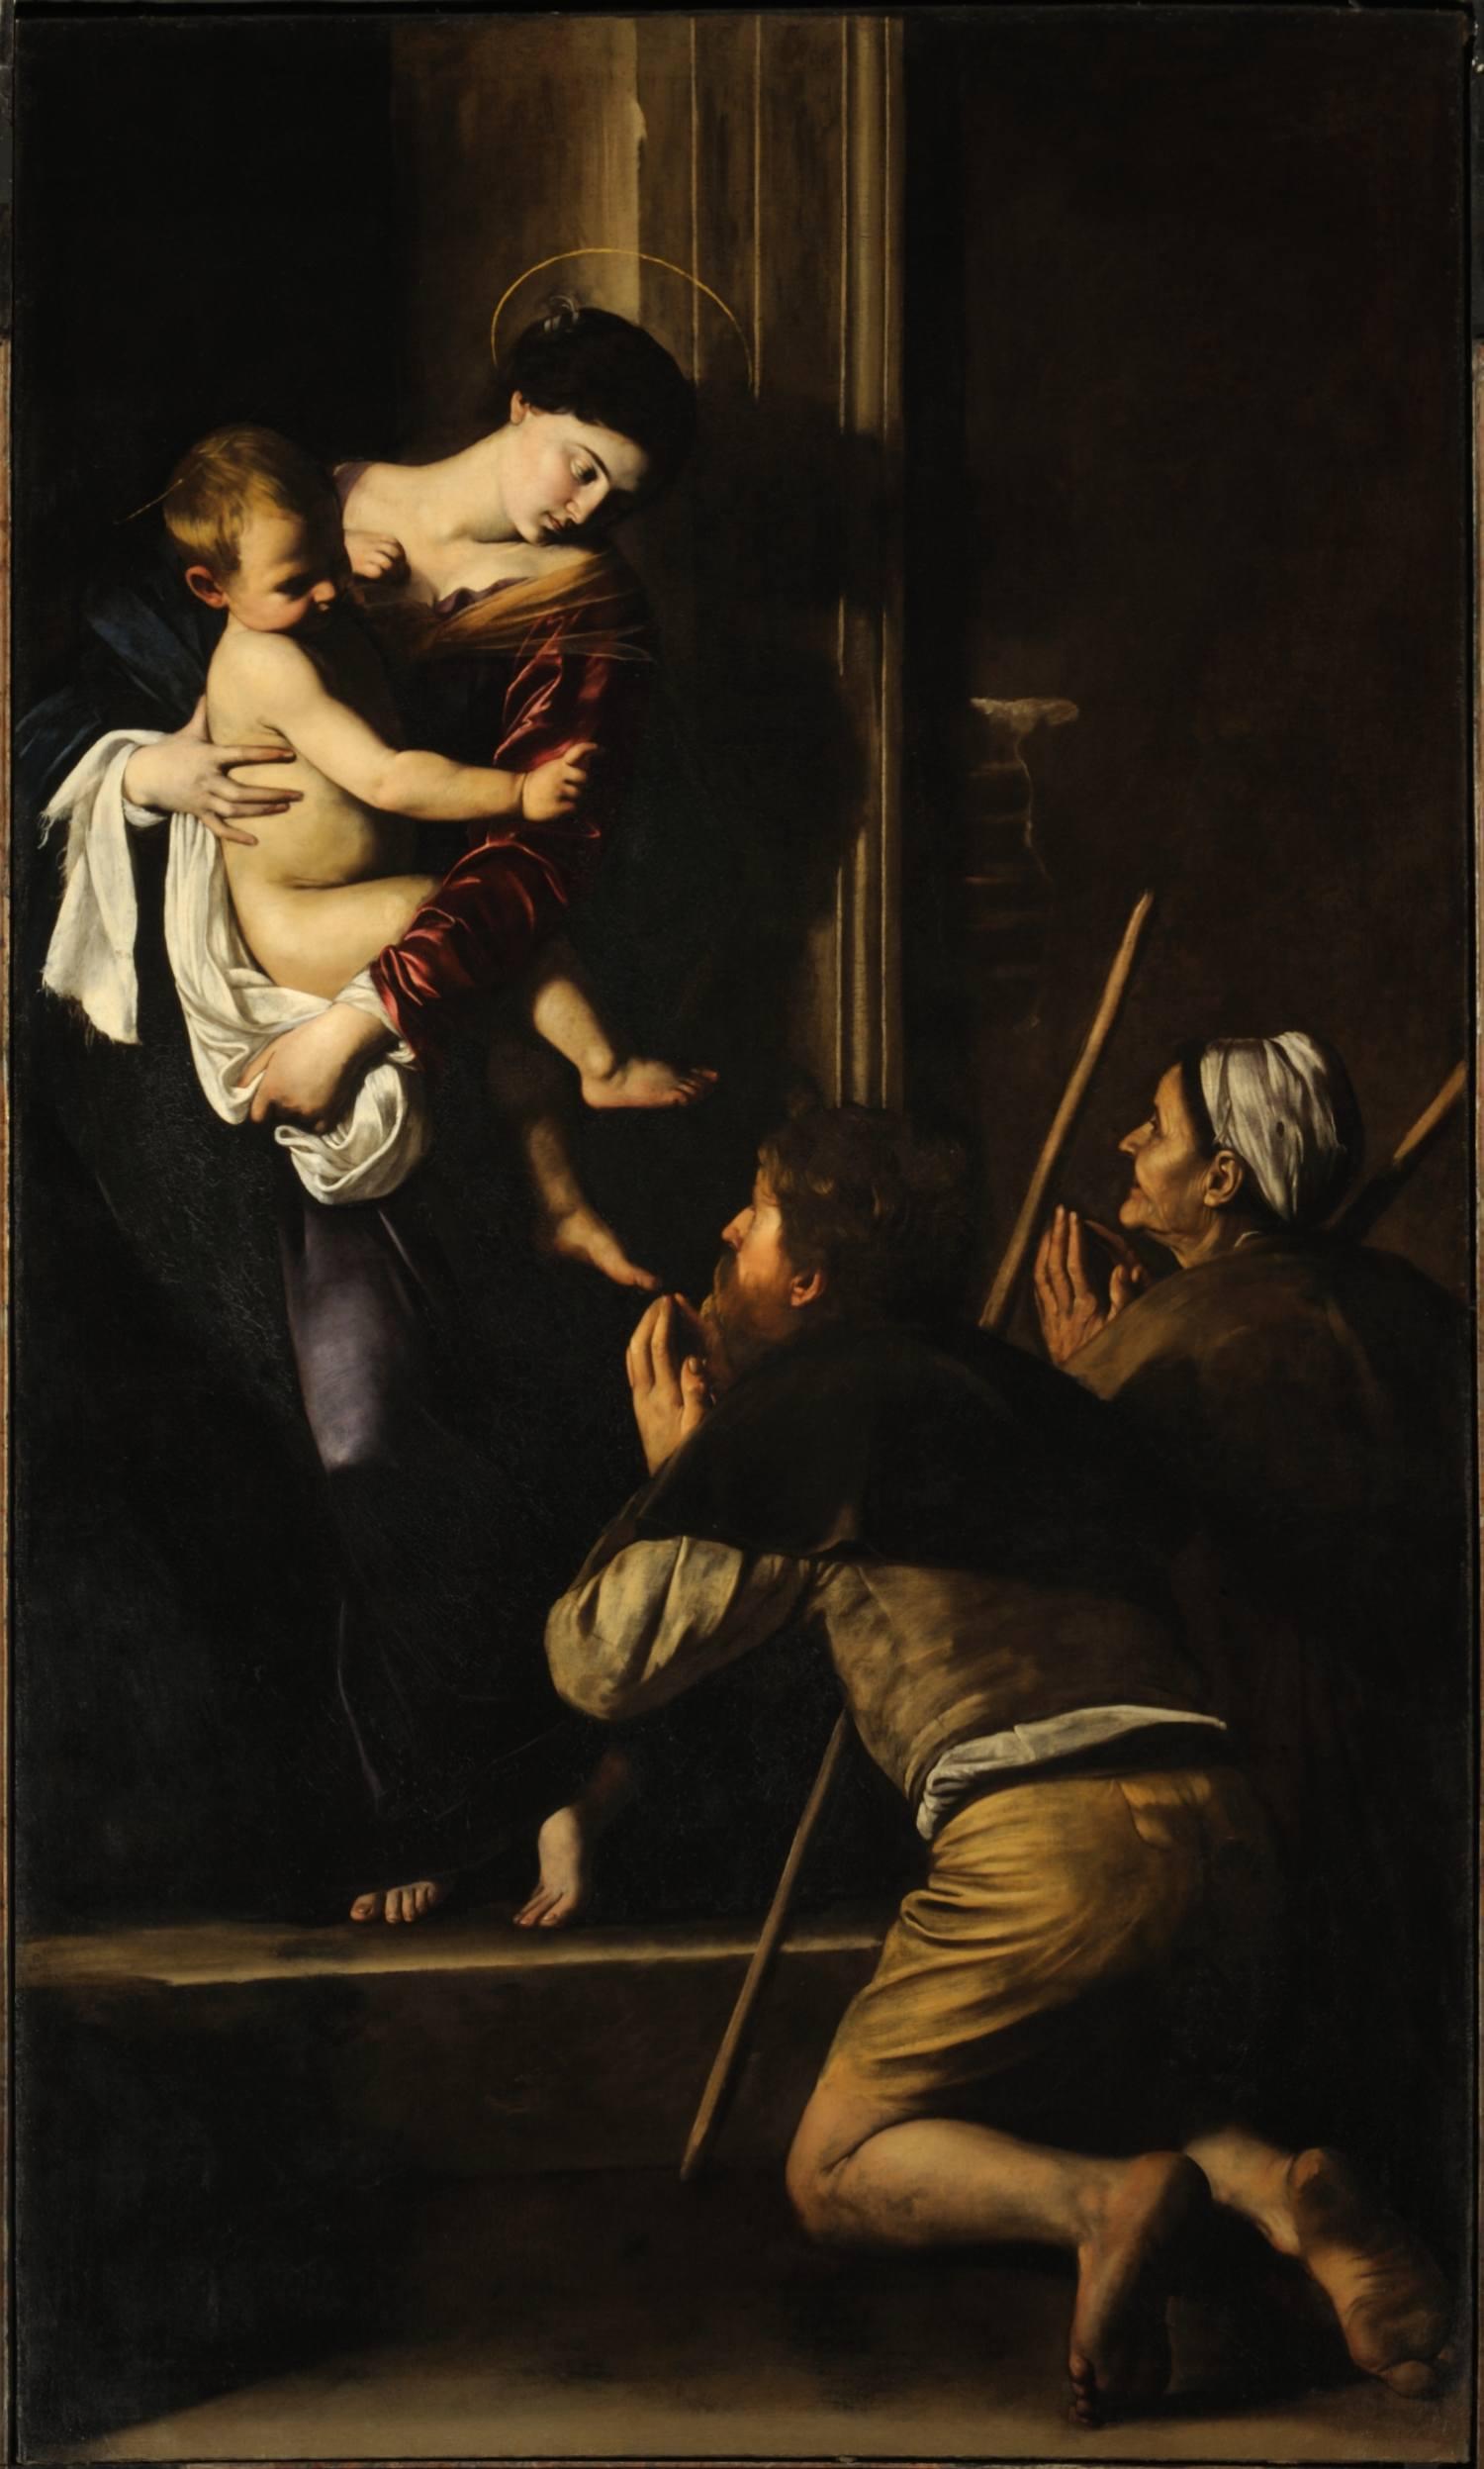 caravaggio_madonna_di_loreto_roma_chiesa_di_sant_agostino